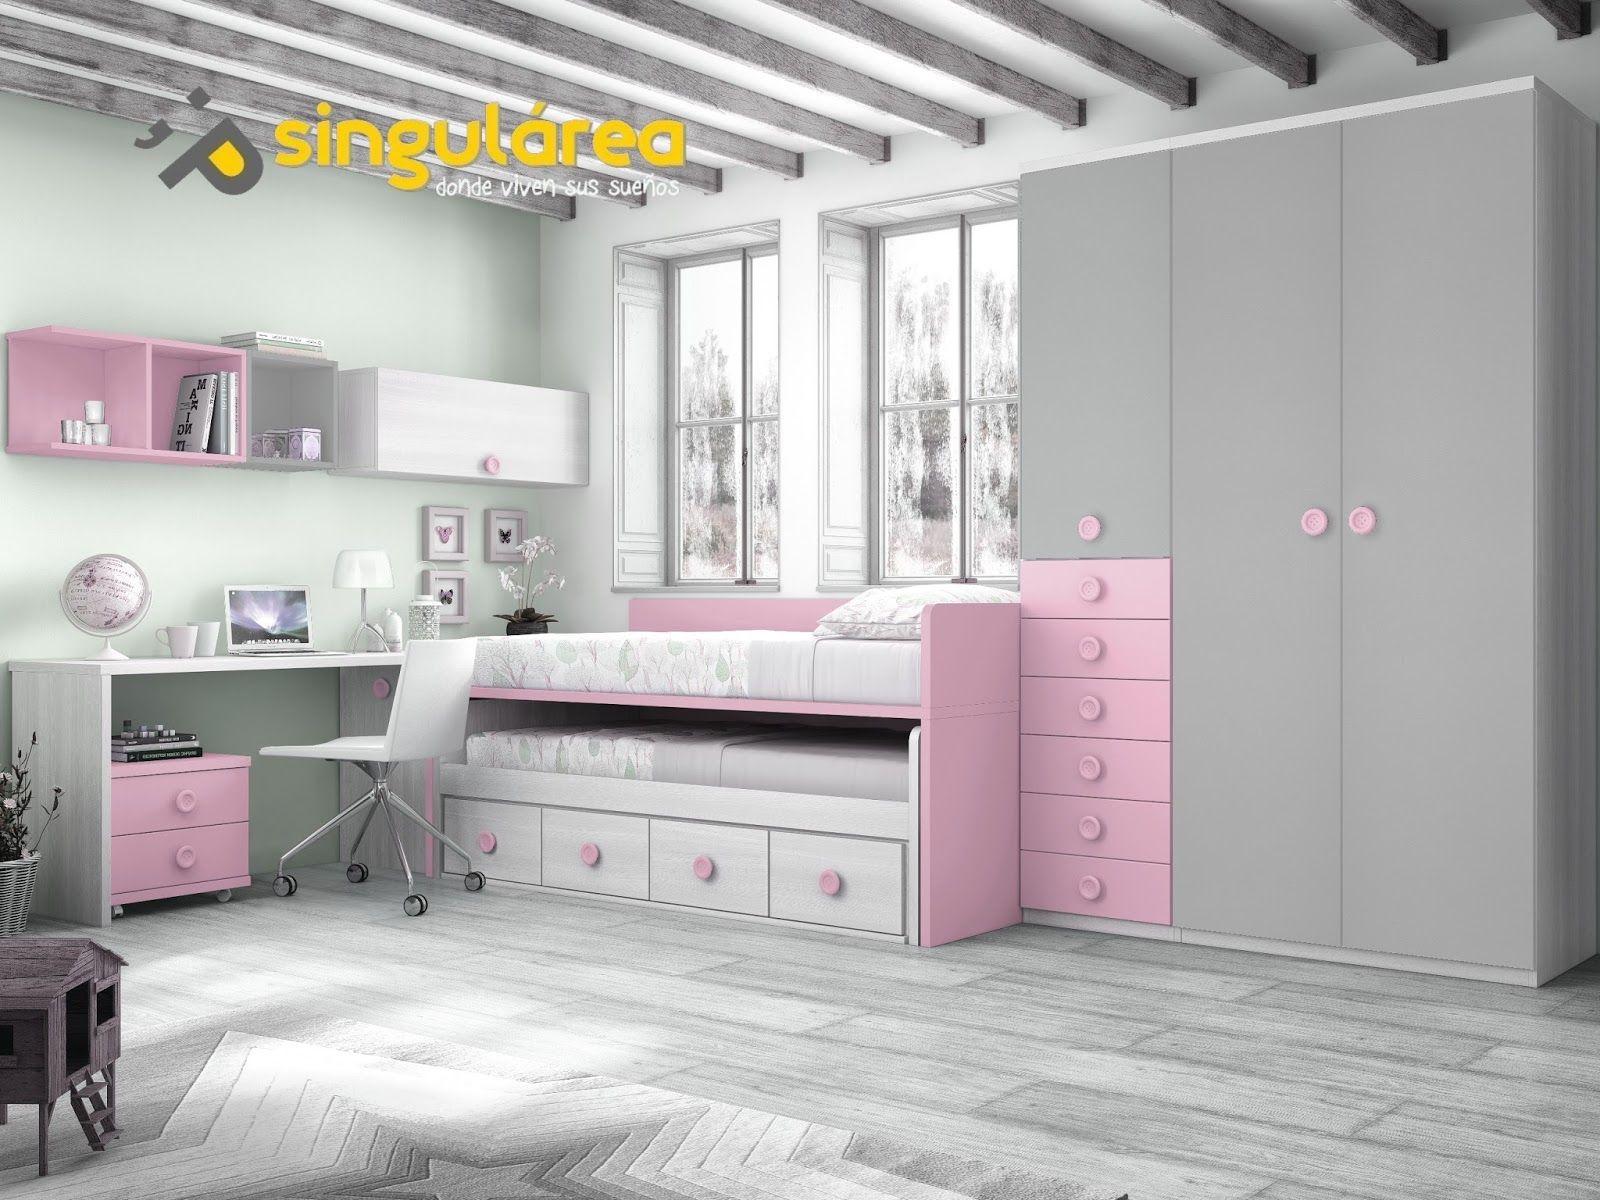 Dormitorio Juvenil 605ct278 Muebles Dormitorios Juveniles Puerto  # Muebles Sagunto